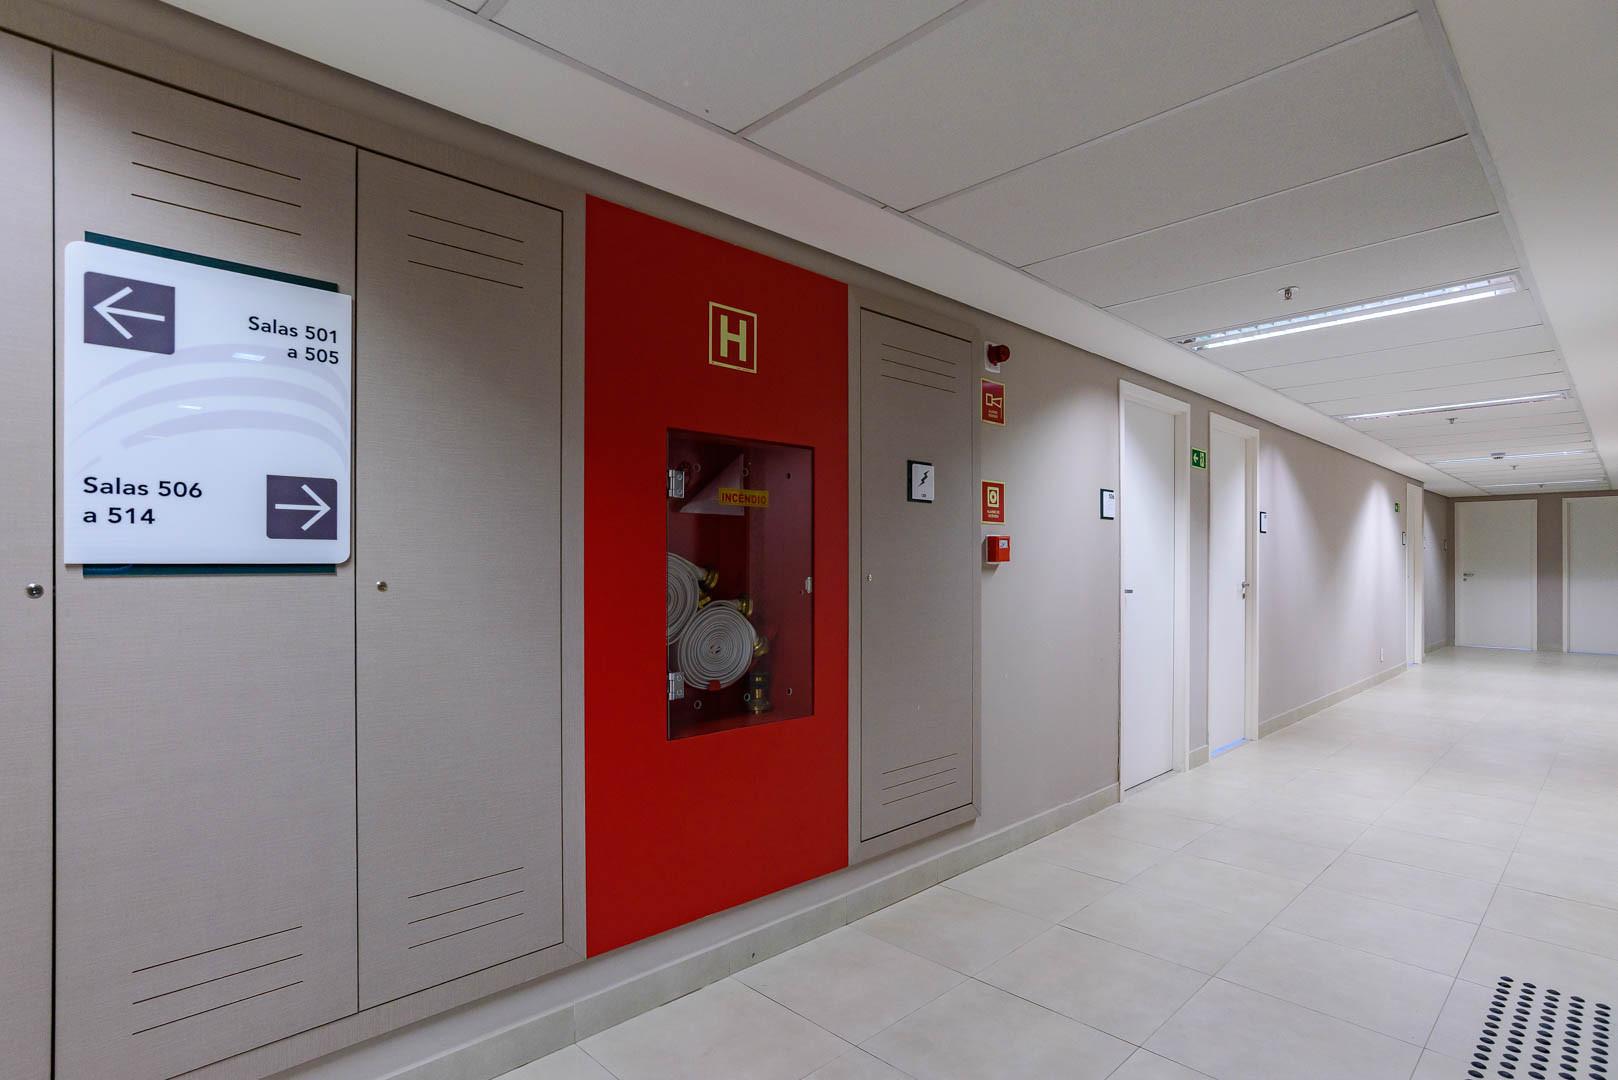 Prime Excelencia Medica Mall - Ser médico é dedicar-se à saúde das pessoas e à saúde dos seus negócios. Localizado no maior pólo de comércio e saúde do DF, em uma região com fluxo de mais de 2 milhões de pessoas. Grandioso projeto com Clínicas e...